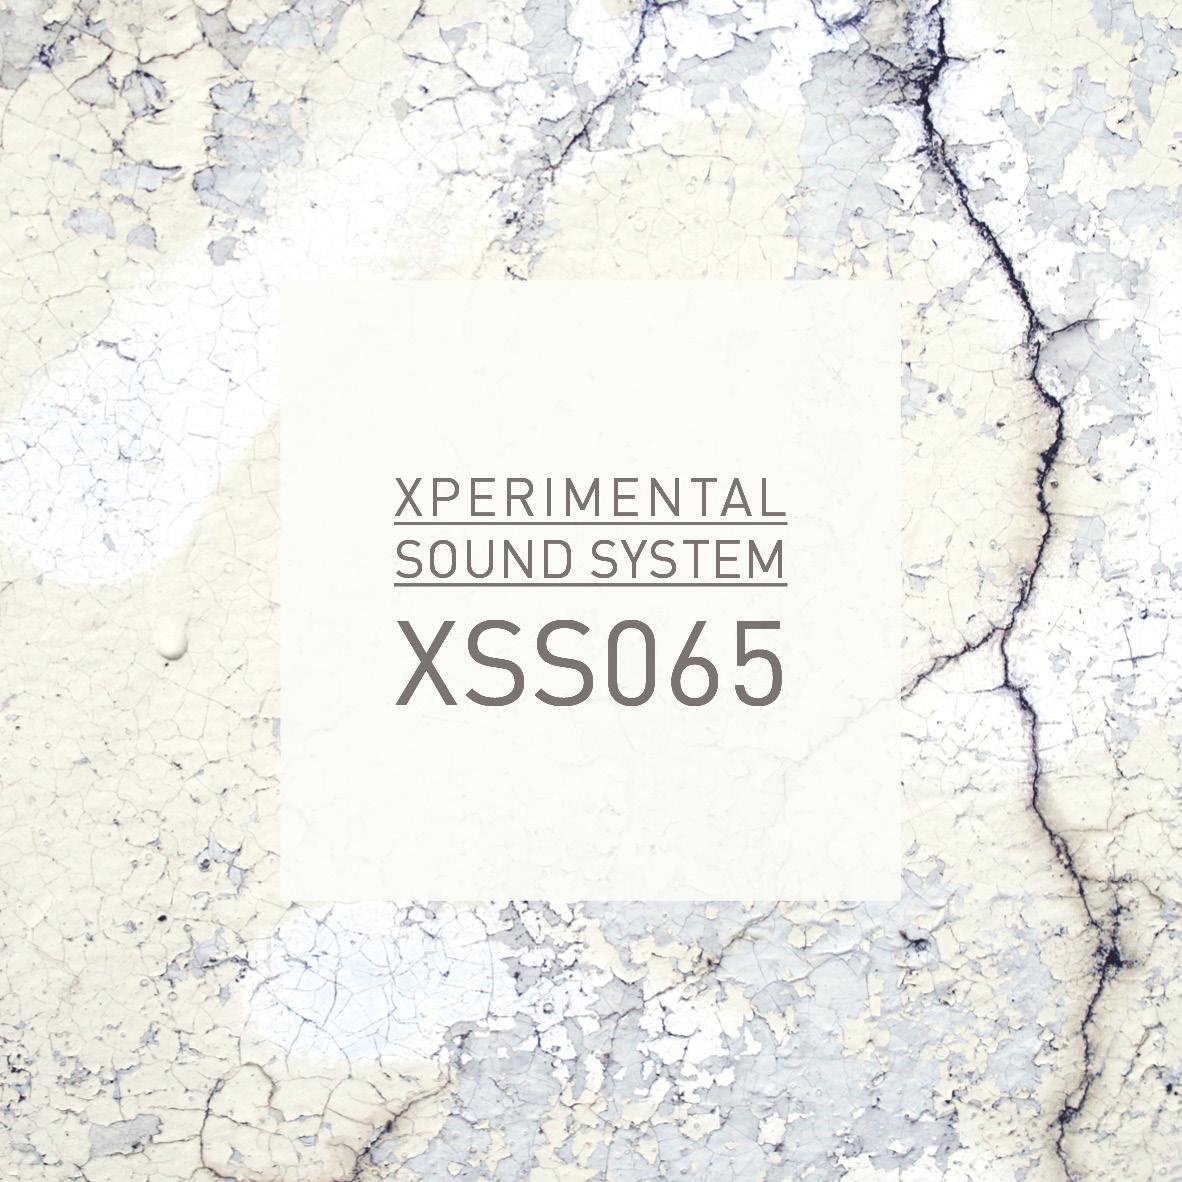 xss065